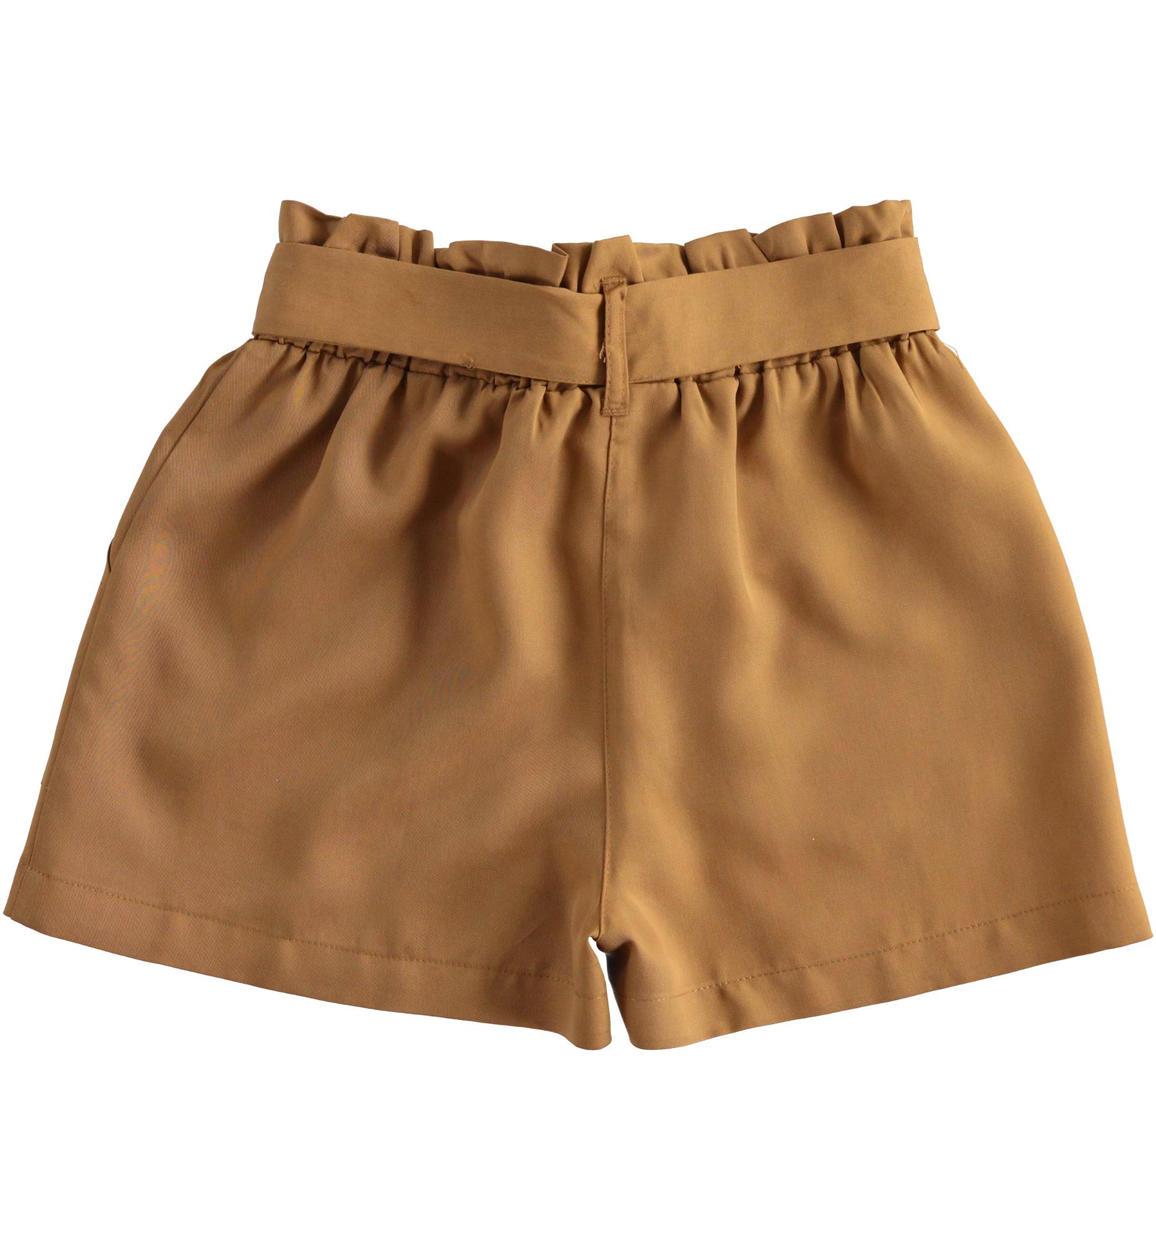 pantaloncino in morbido tessuto di lyoce beige dettaglio 03 2574j52400 1117 150x150